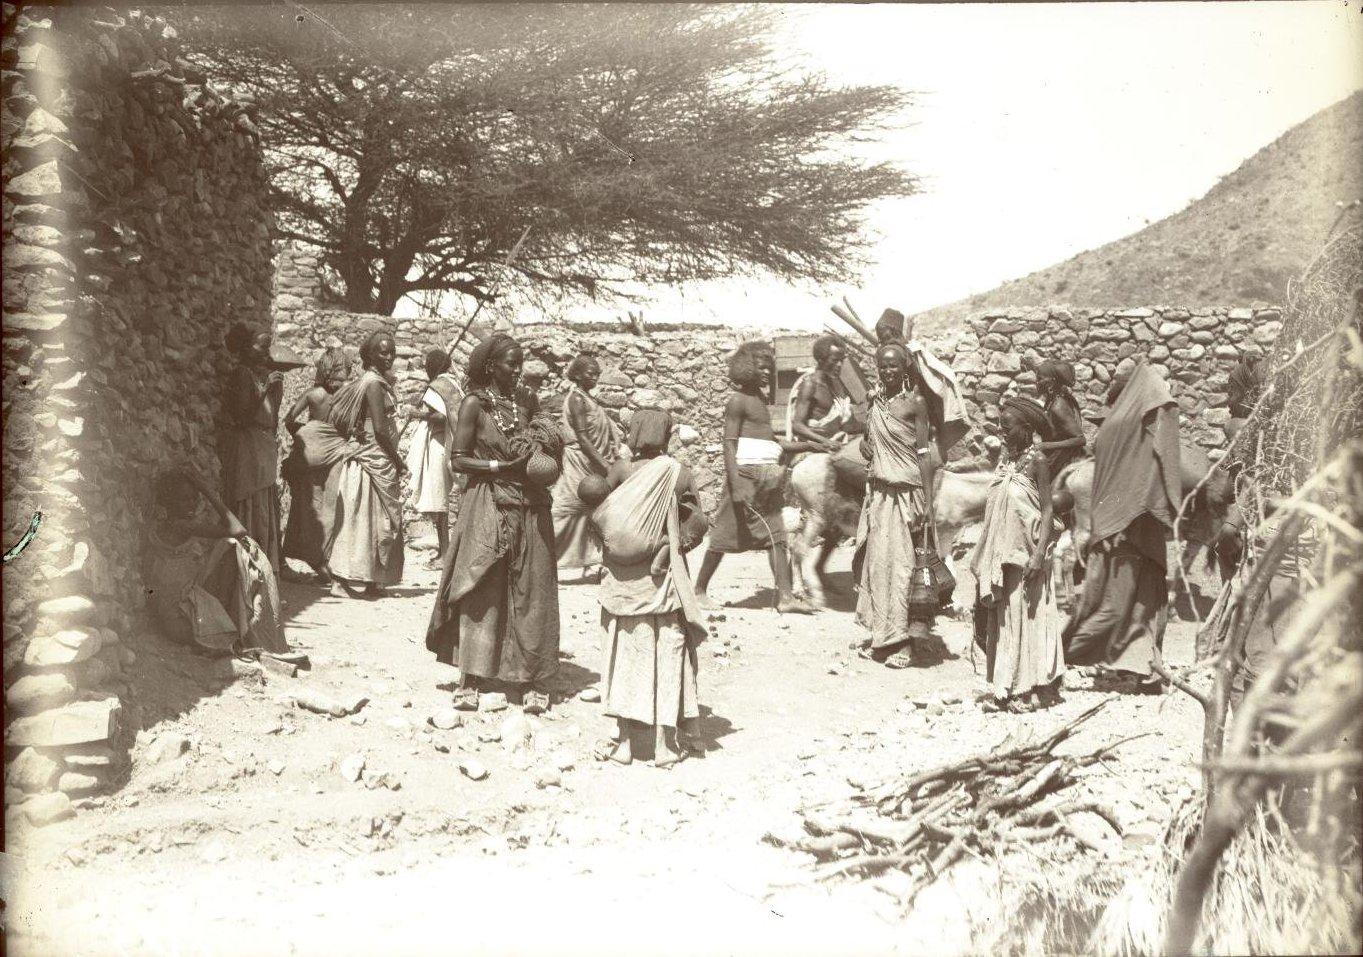 182. 1899. Абиссиния. Гильдесса. Уголок на базаре